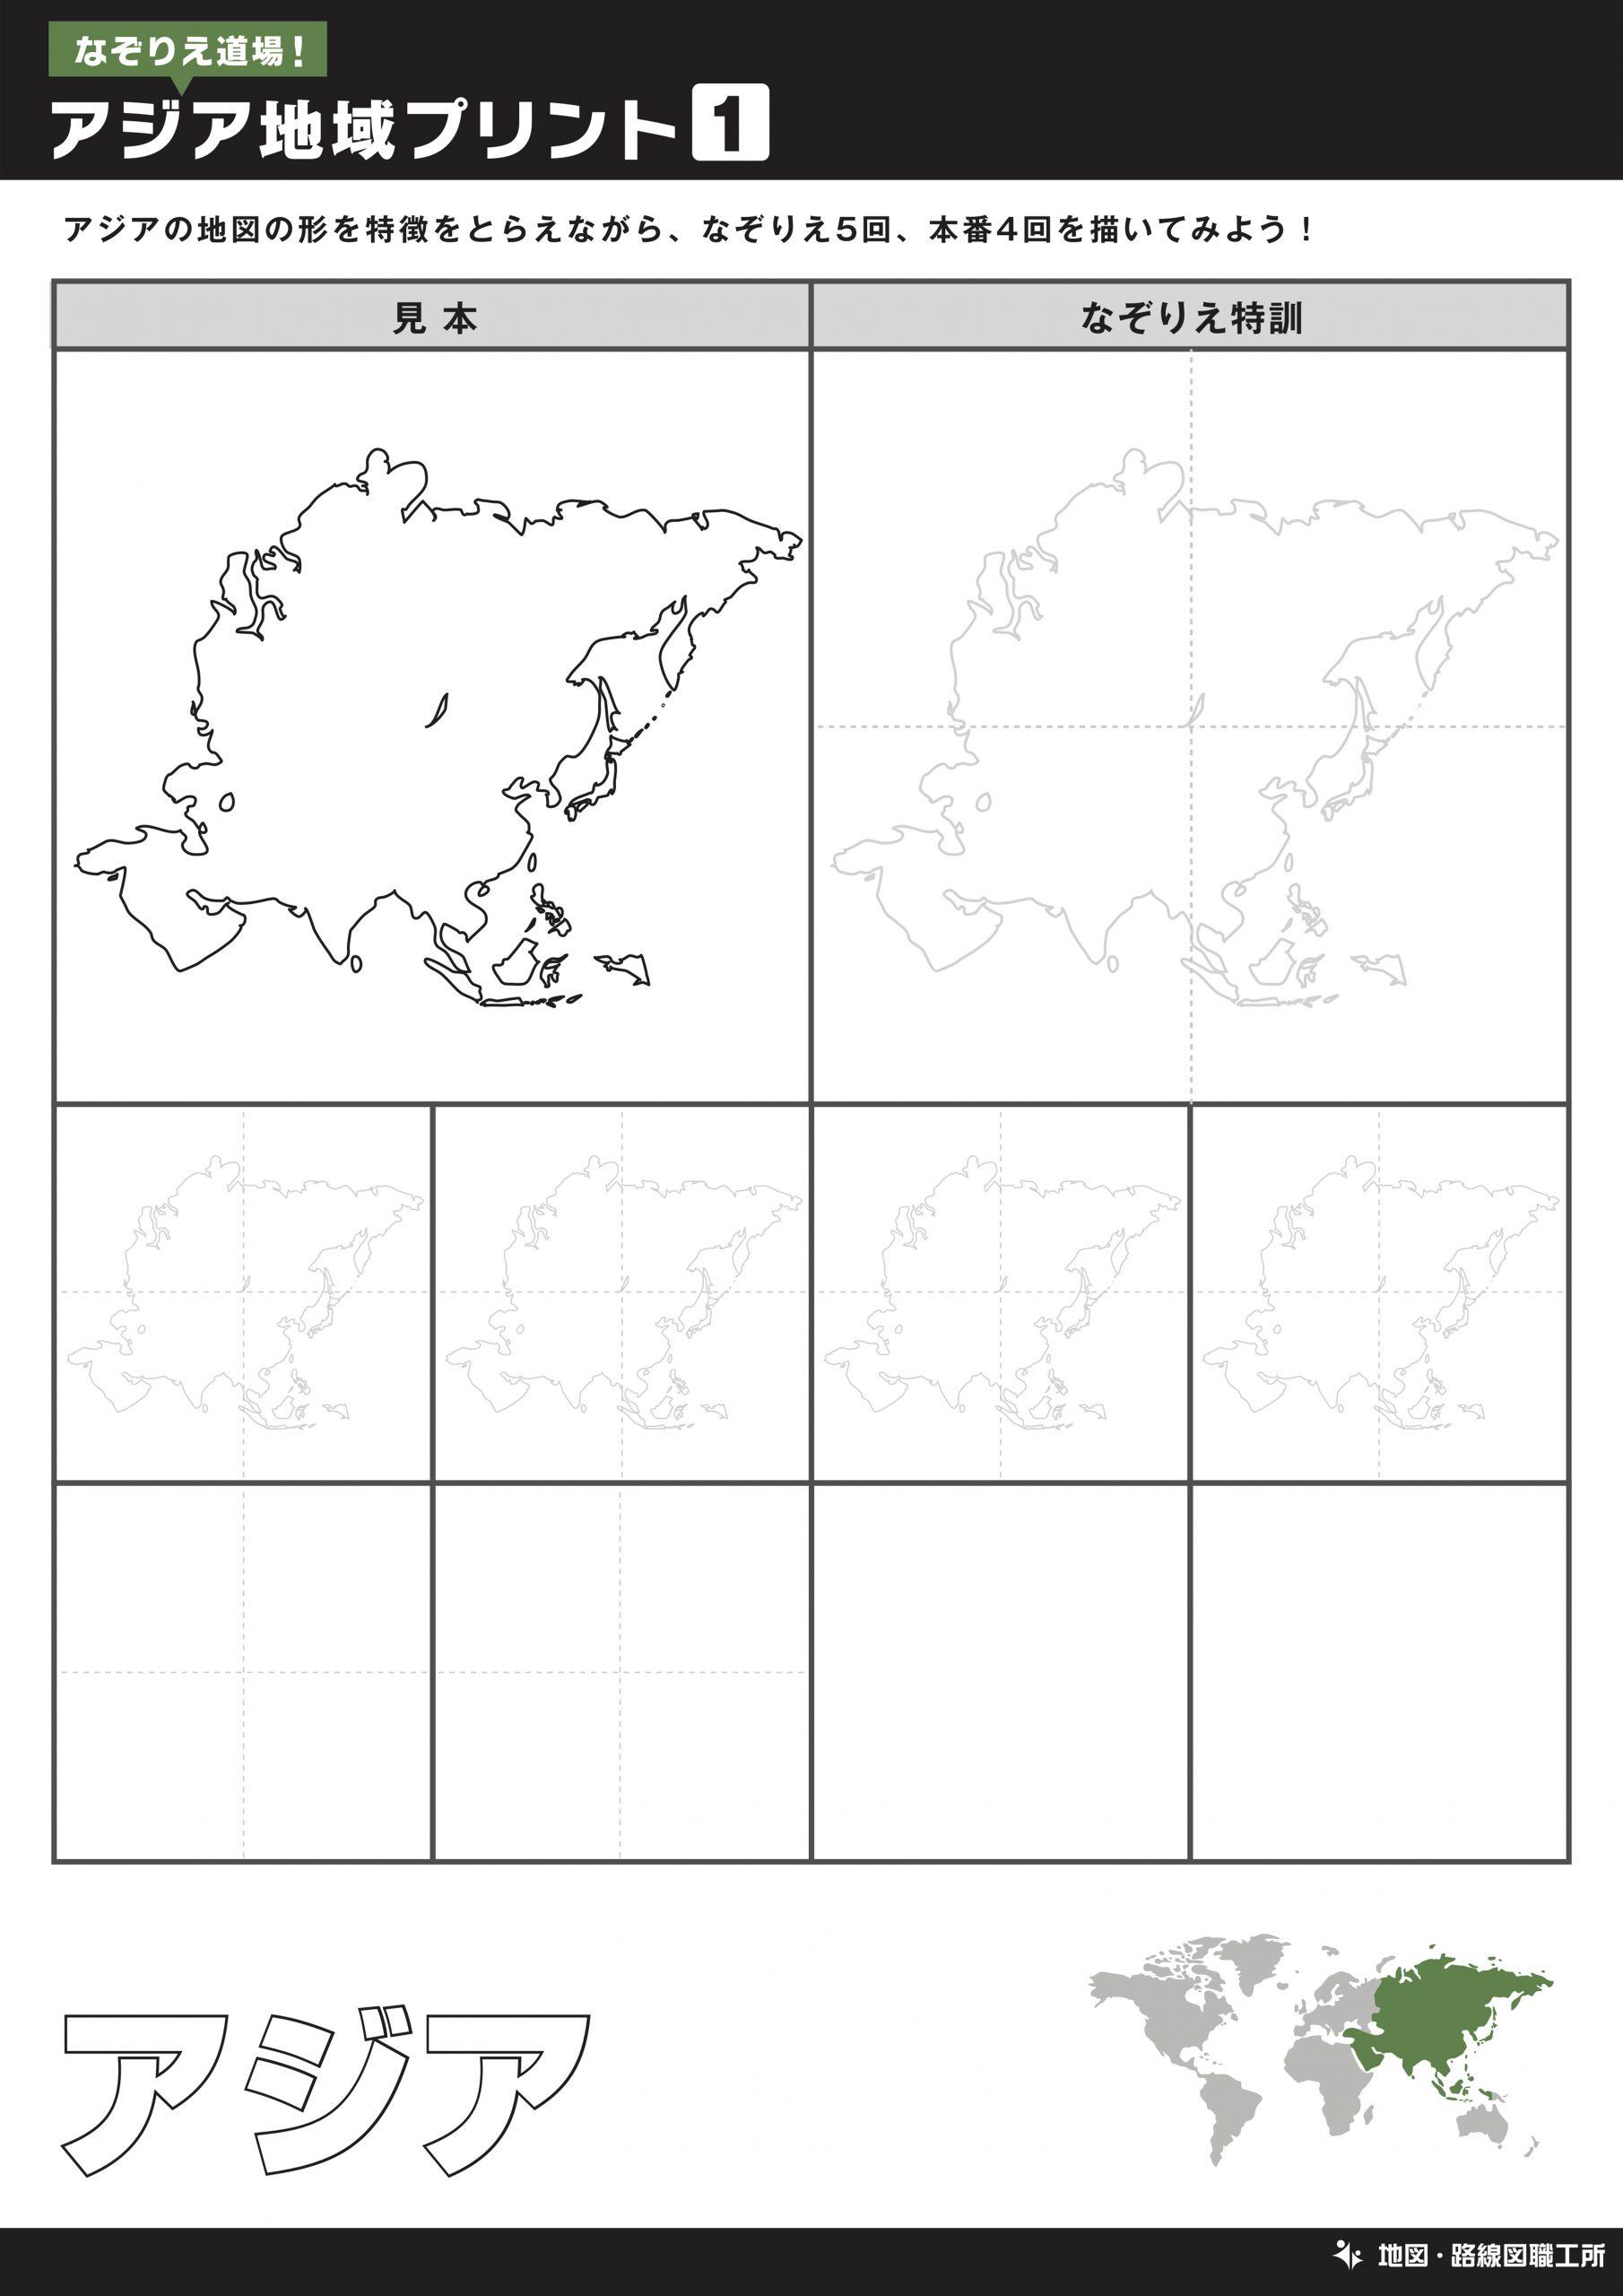 アジア地図をなぞって描く練習①